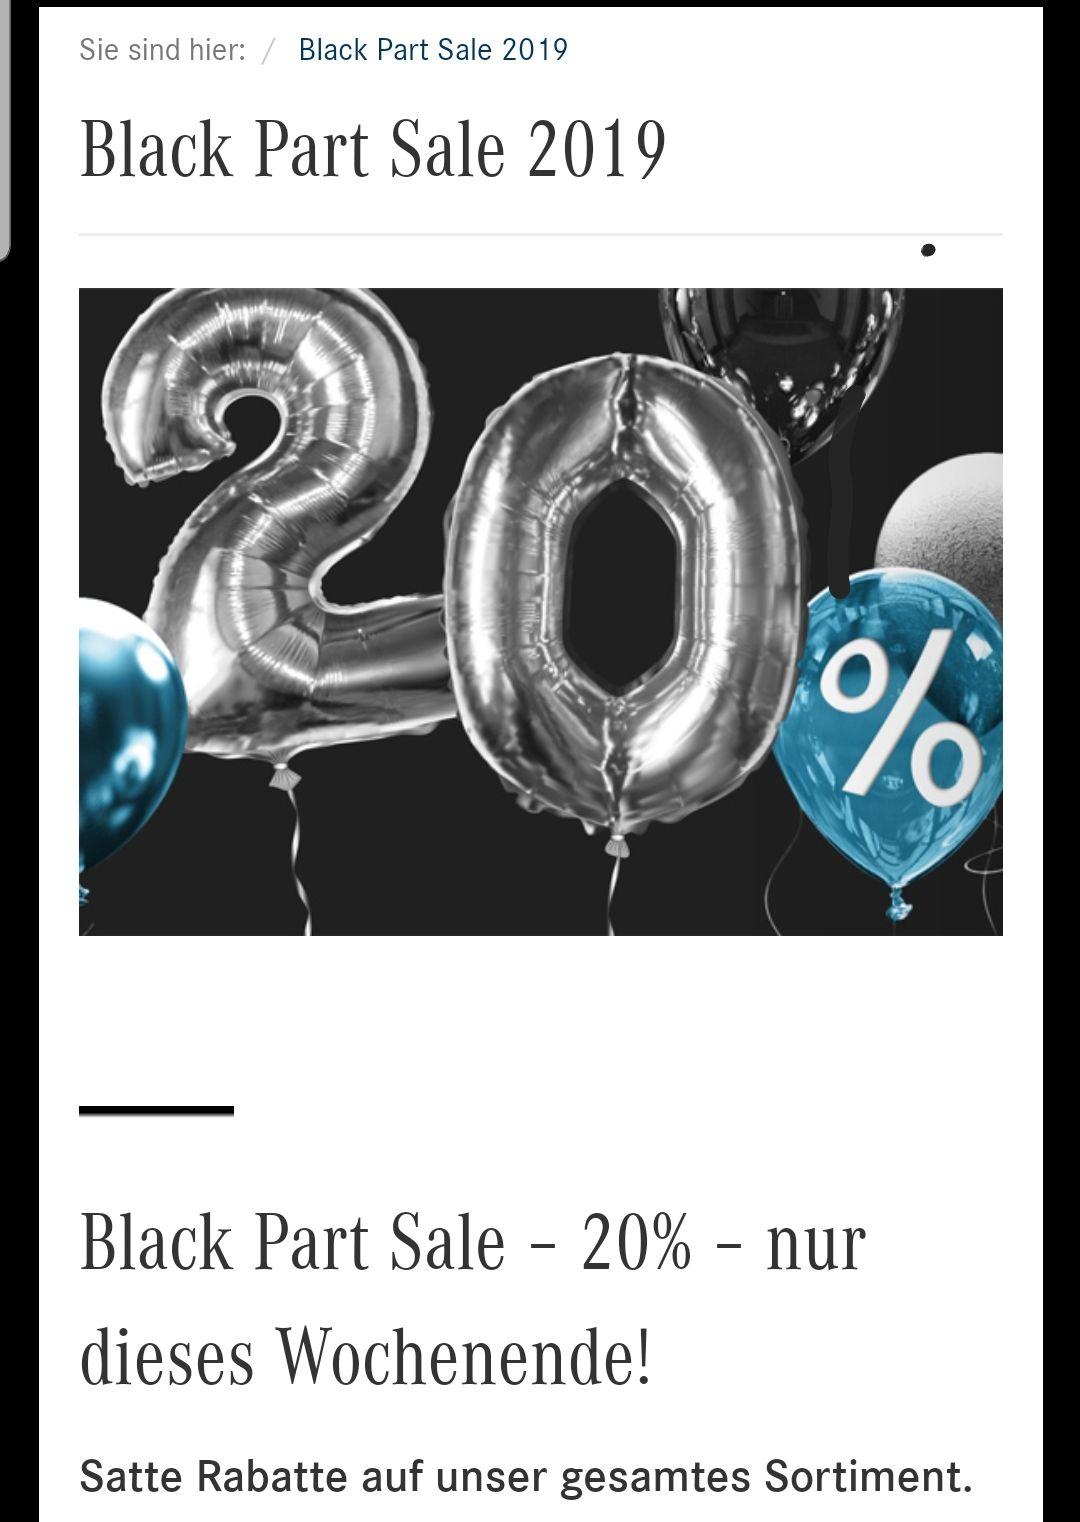 MB-GTC 20% BLACK DEAL PART